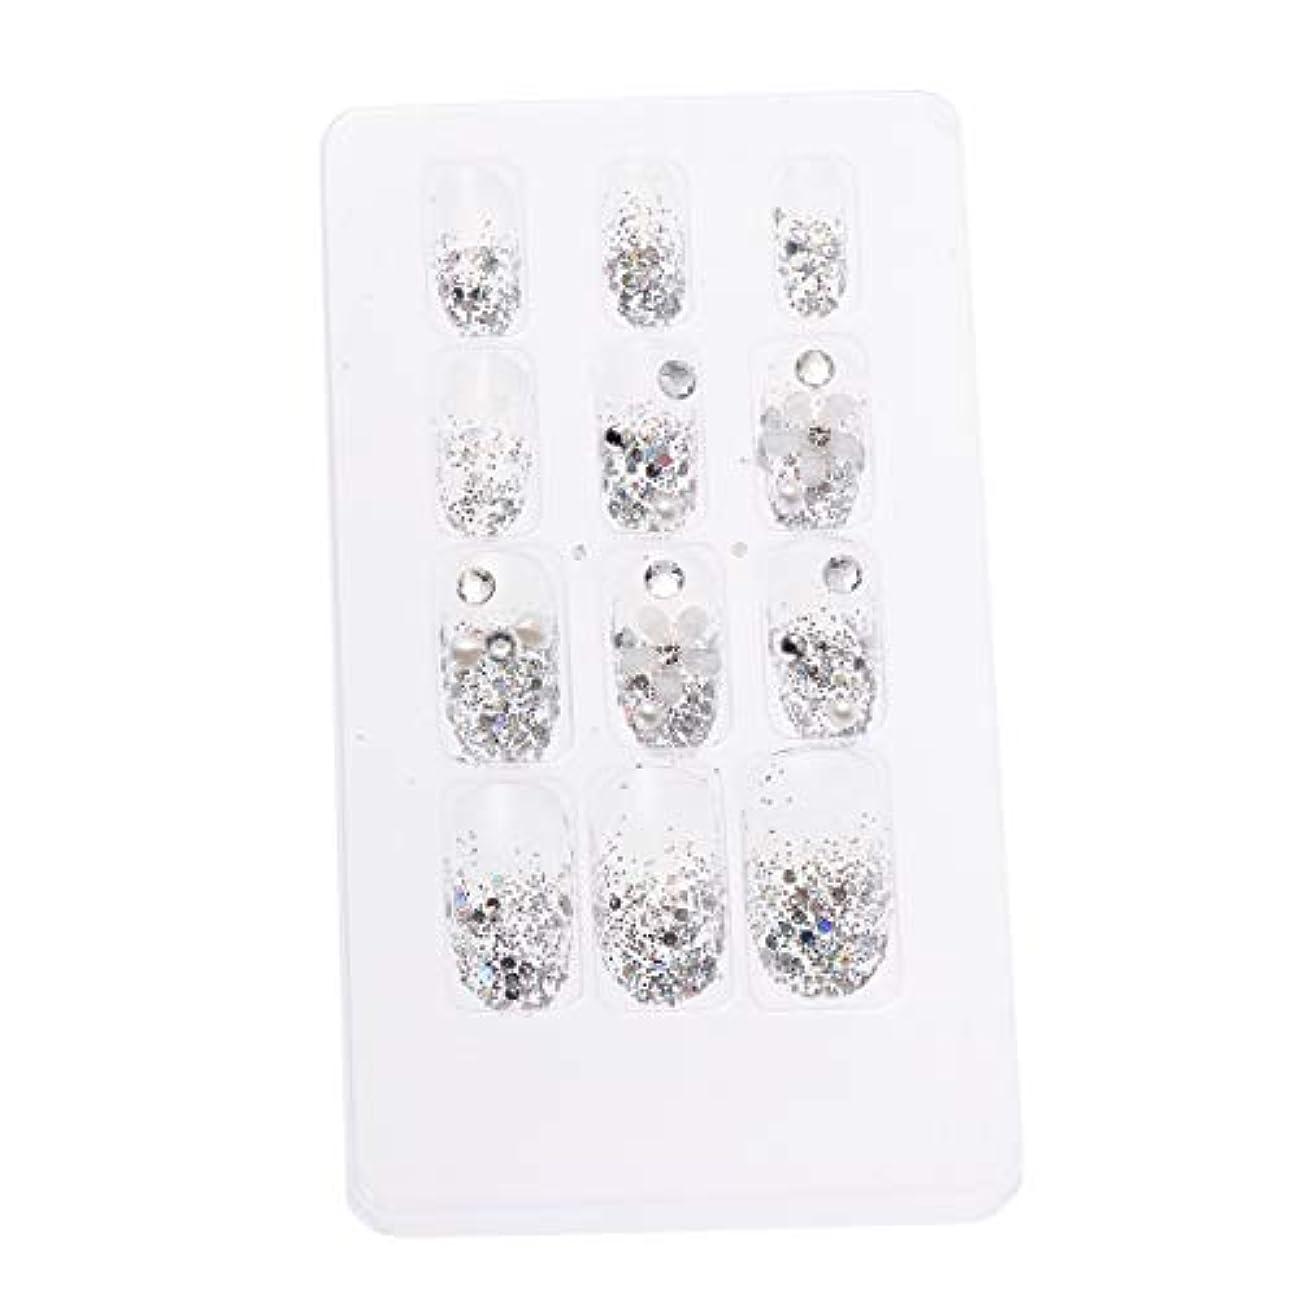 試してみるはしごクレアLURROSE 24ピースネイルステッカー 人工ダイヤモンド装飾ネイルアート用ブライダル女性